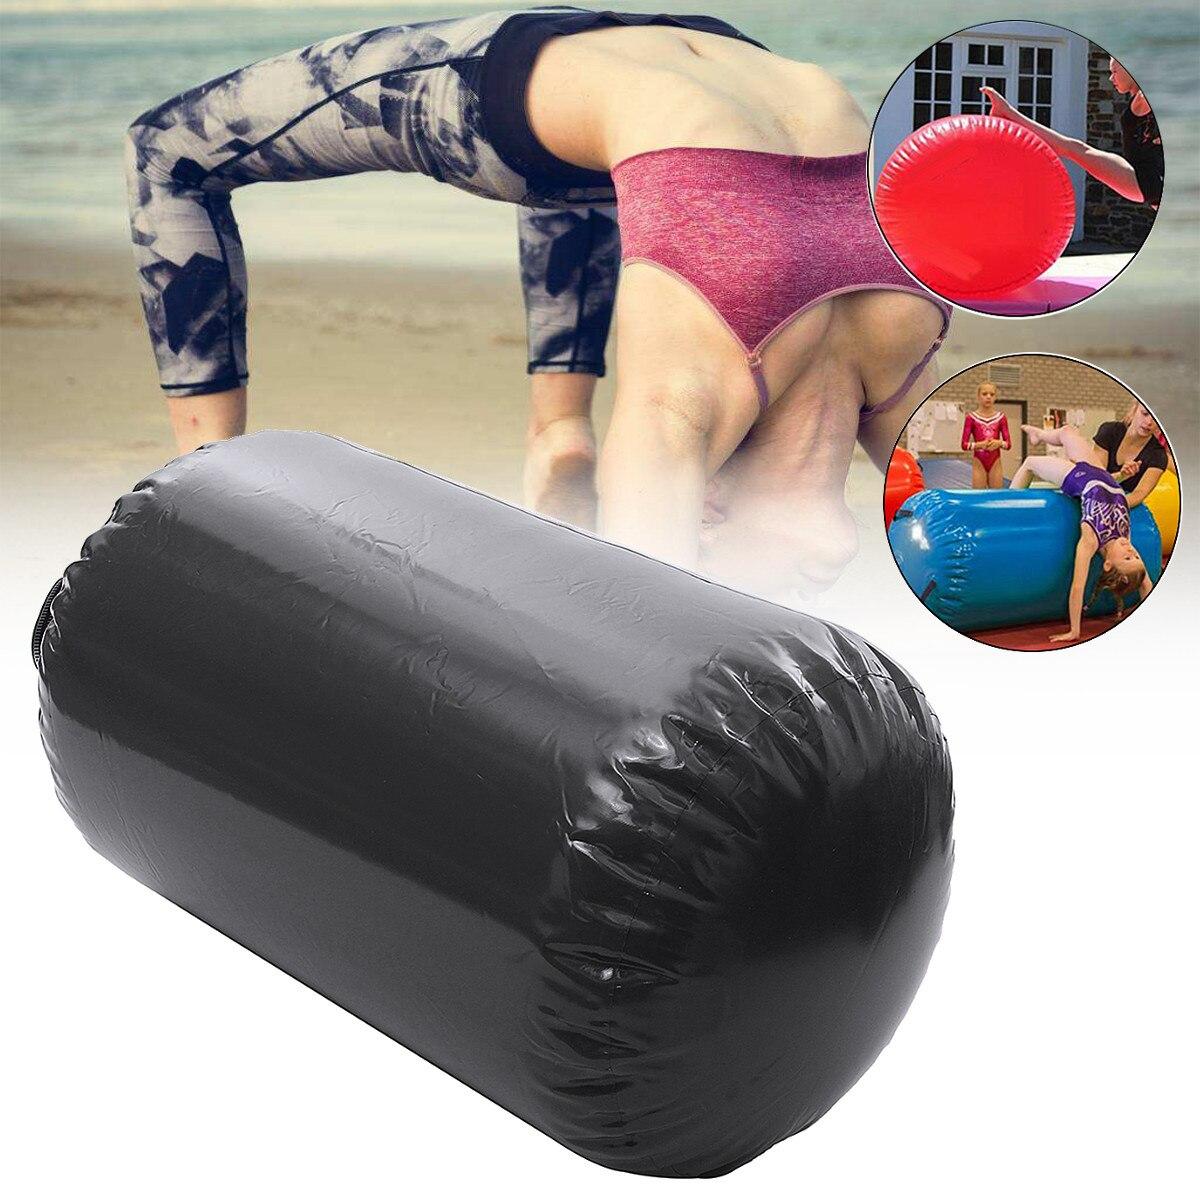 Gofun AirTrack Air cylindre Tumbling piste gymnastique exercice colonne gonflable Gym inversé Backflip entraînement enfants en sécurité - 6